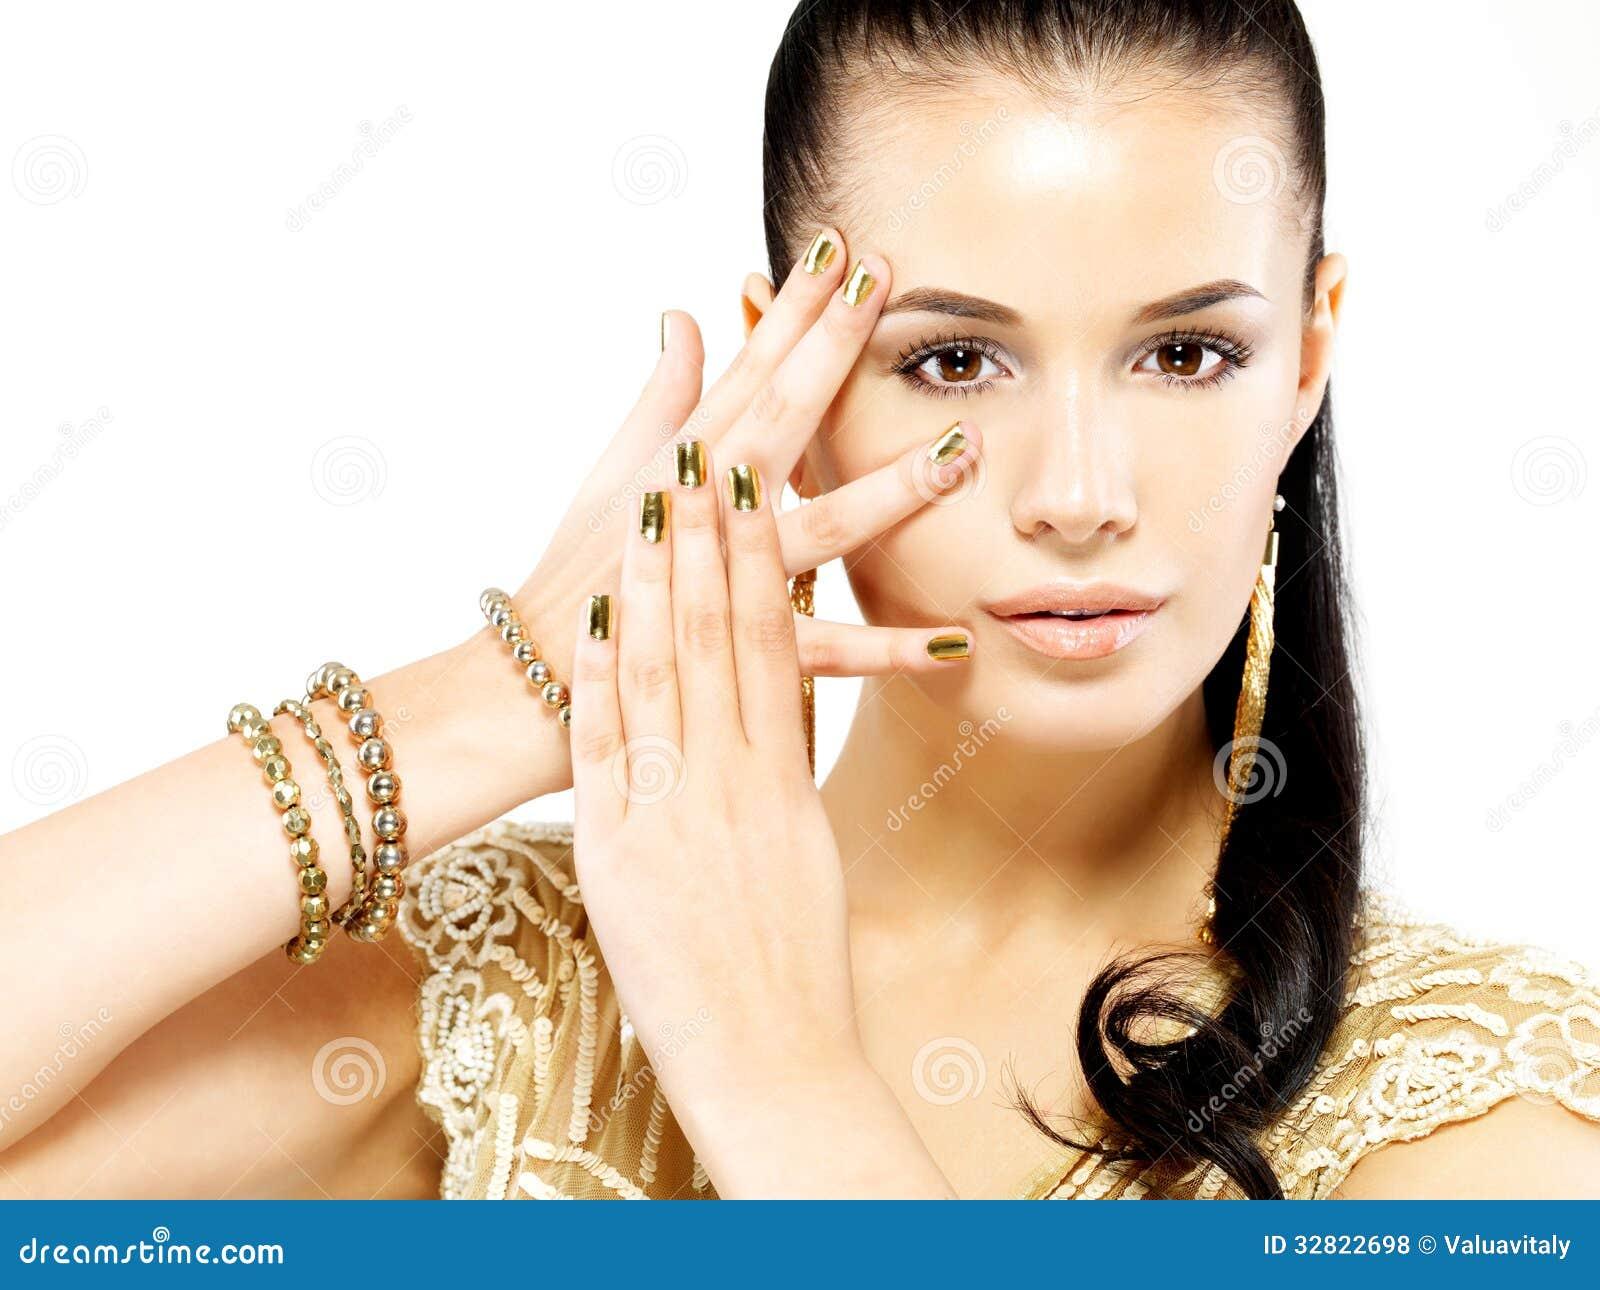 nails wallpaper hd